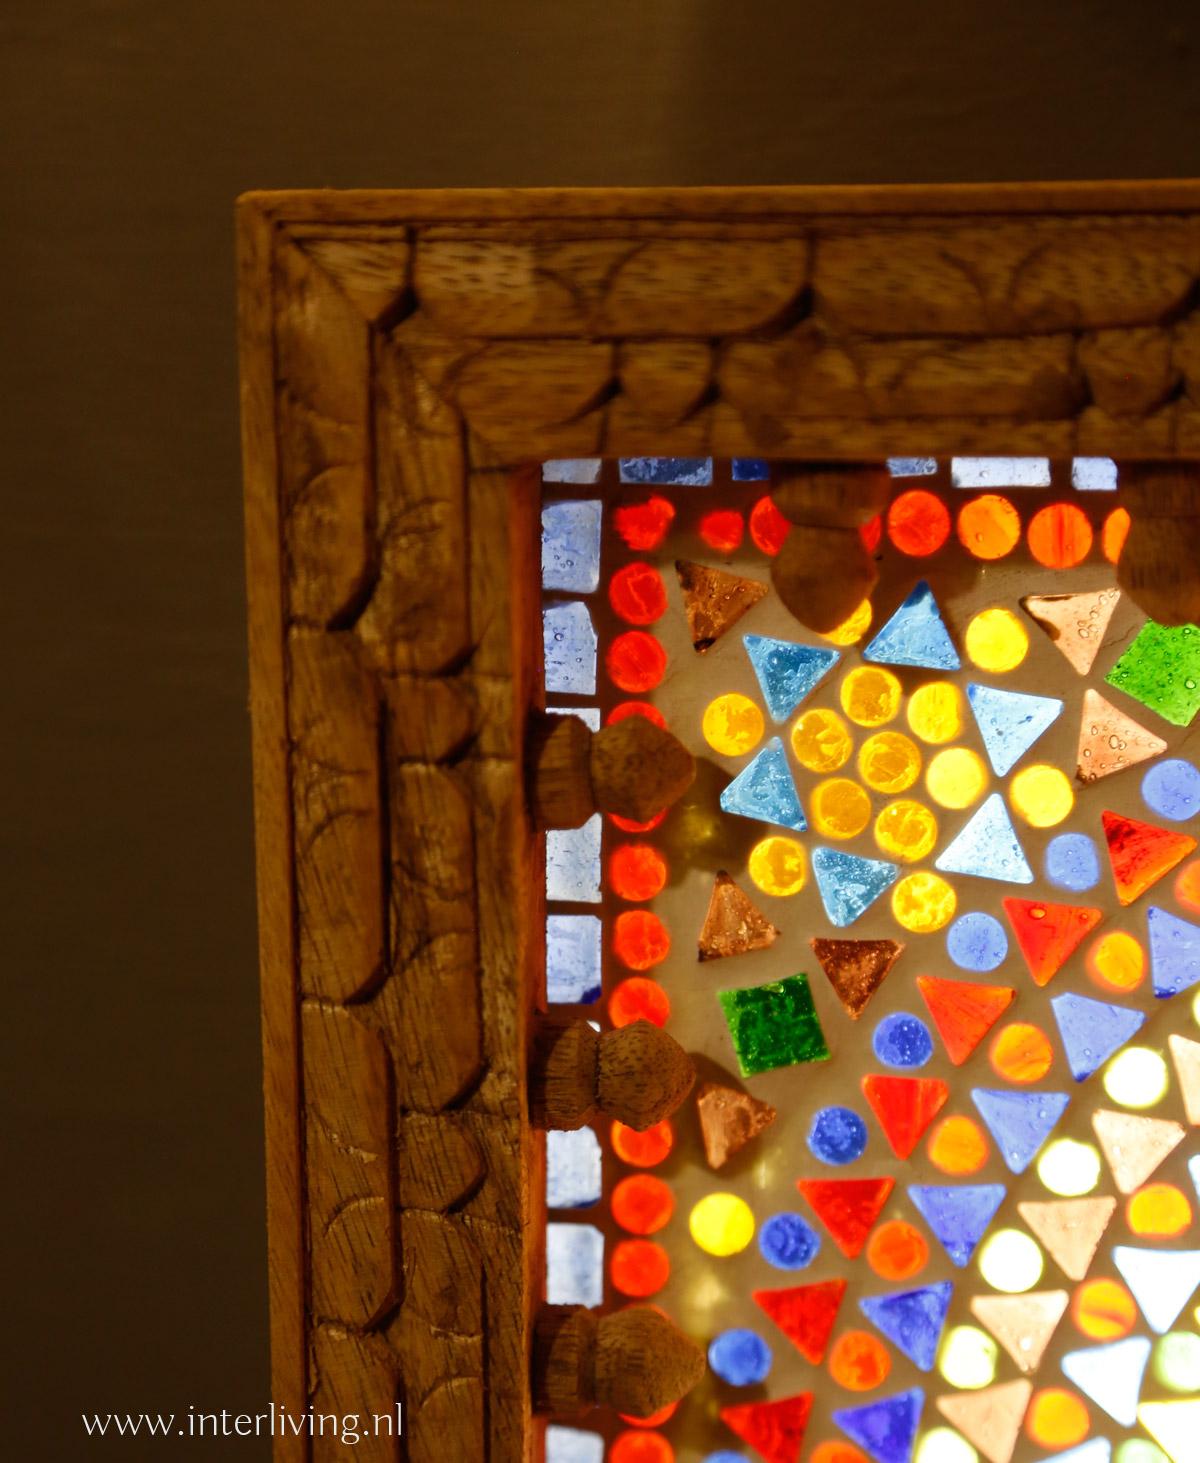 vierkante wandlamp met mangohouten lijst - oosters glasmozaïek patronen